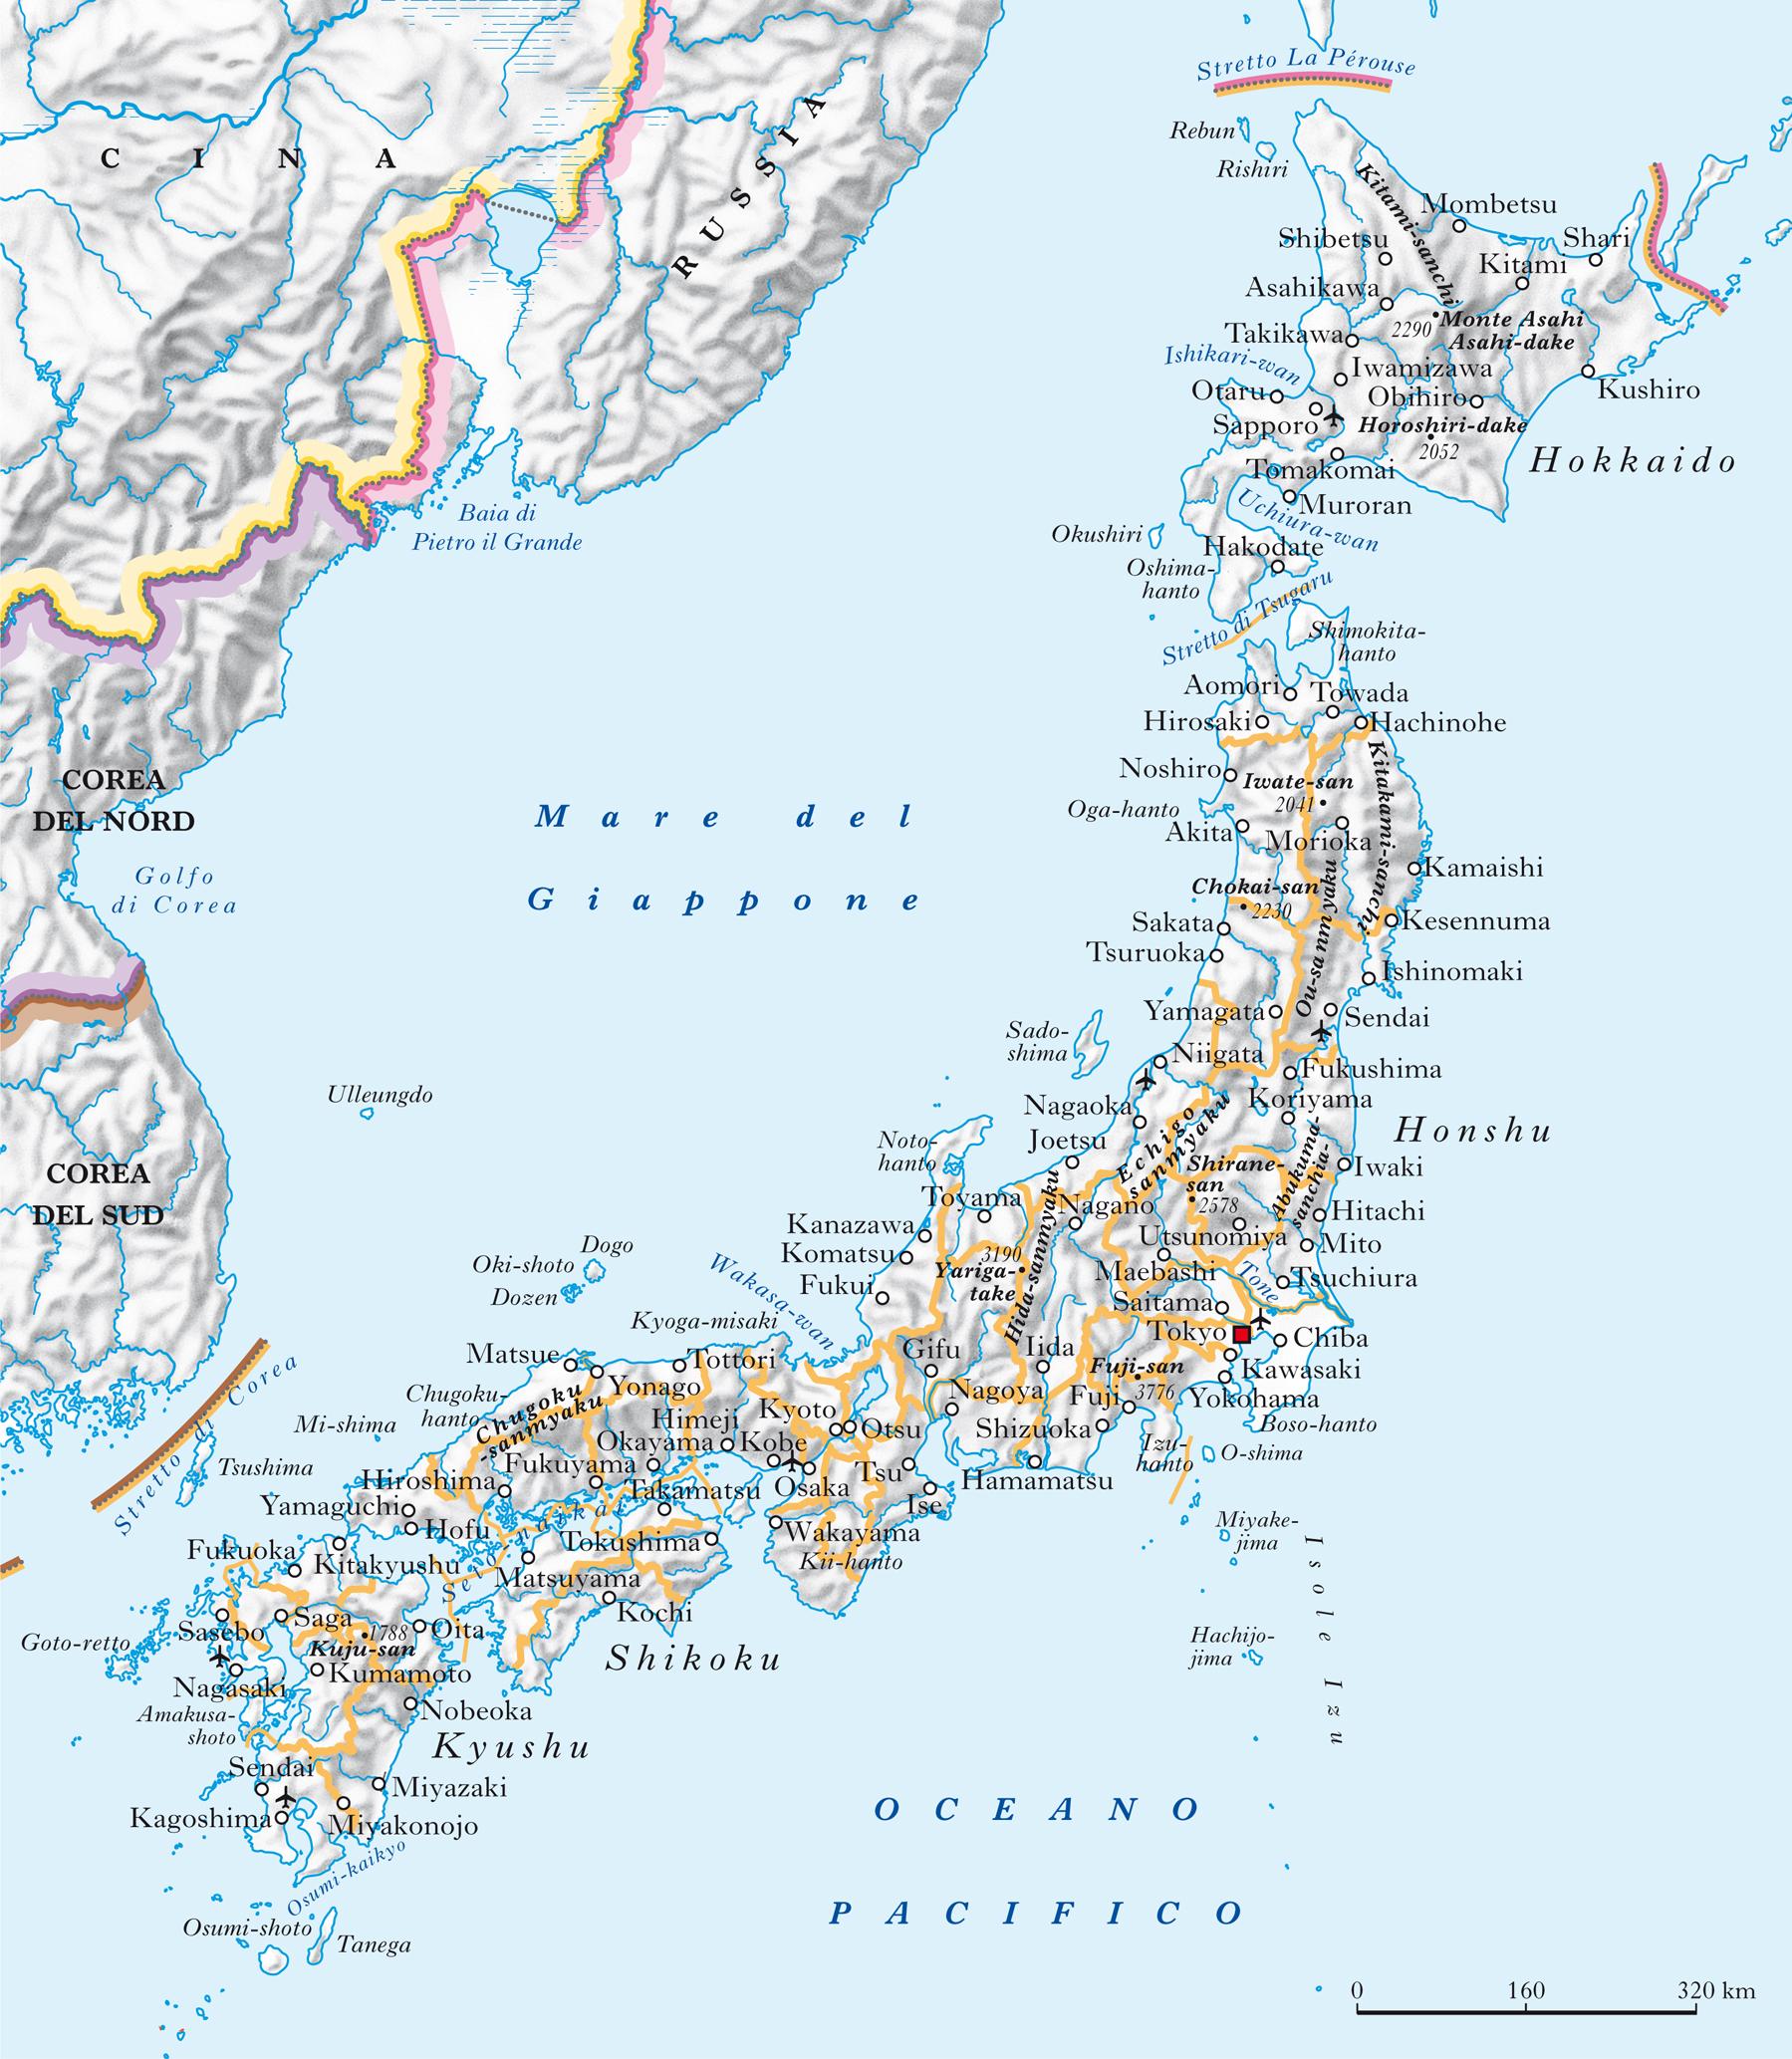 Giappone In Atlante Geopolitico